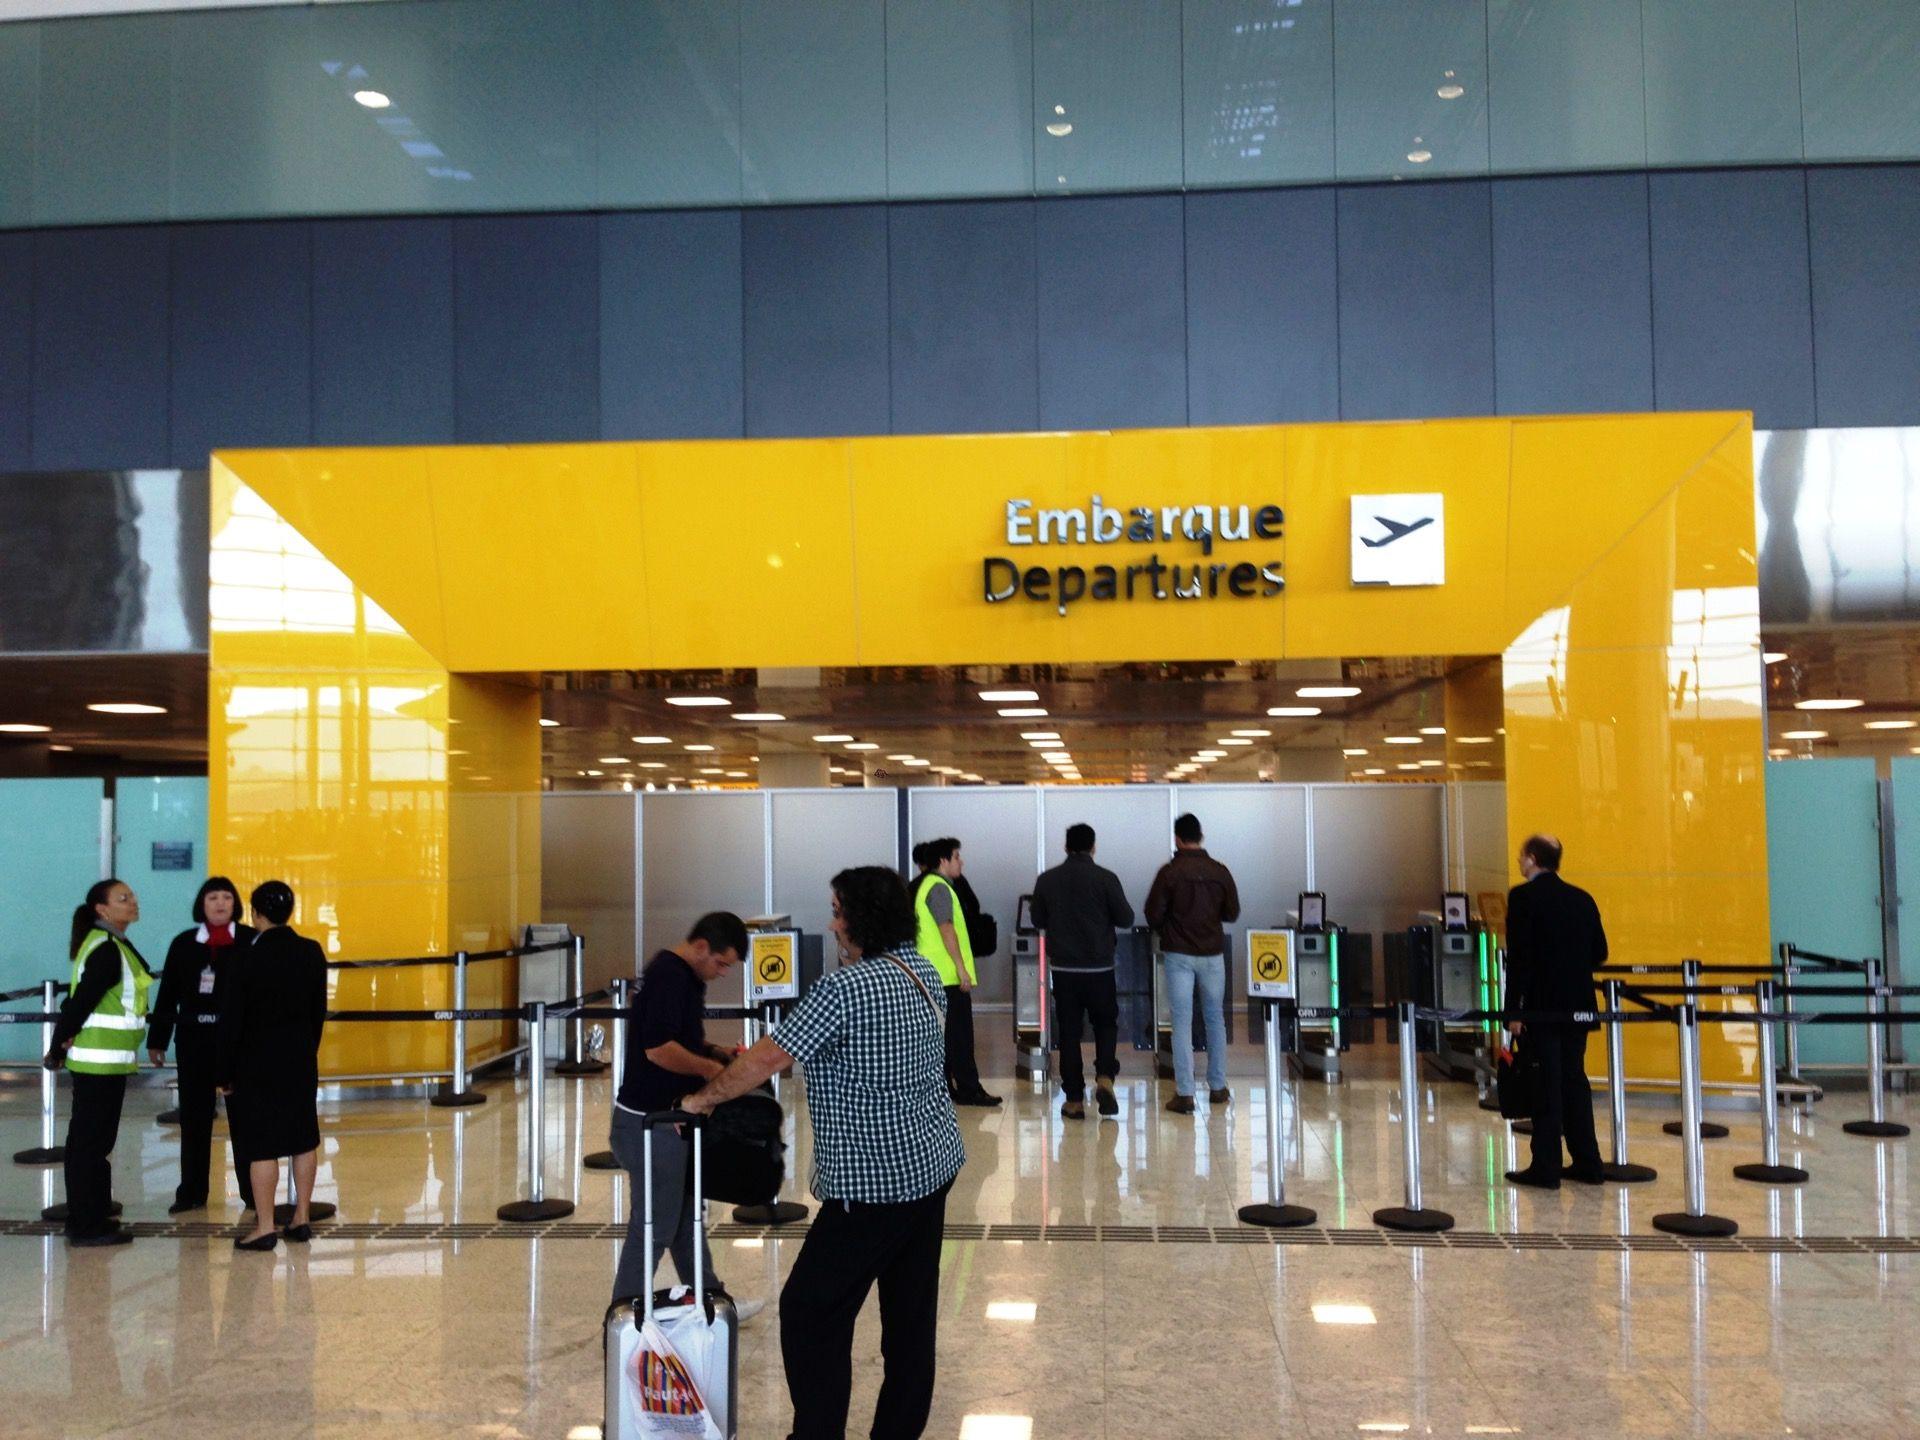 Aeroporto Gru : Aeroporto internacional de são paulo guarulhos gru em